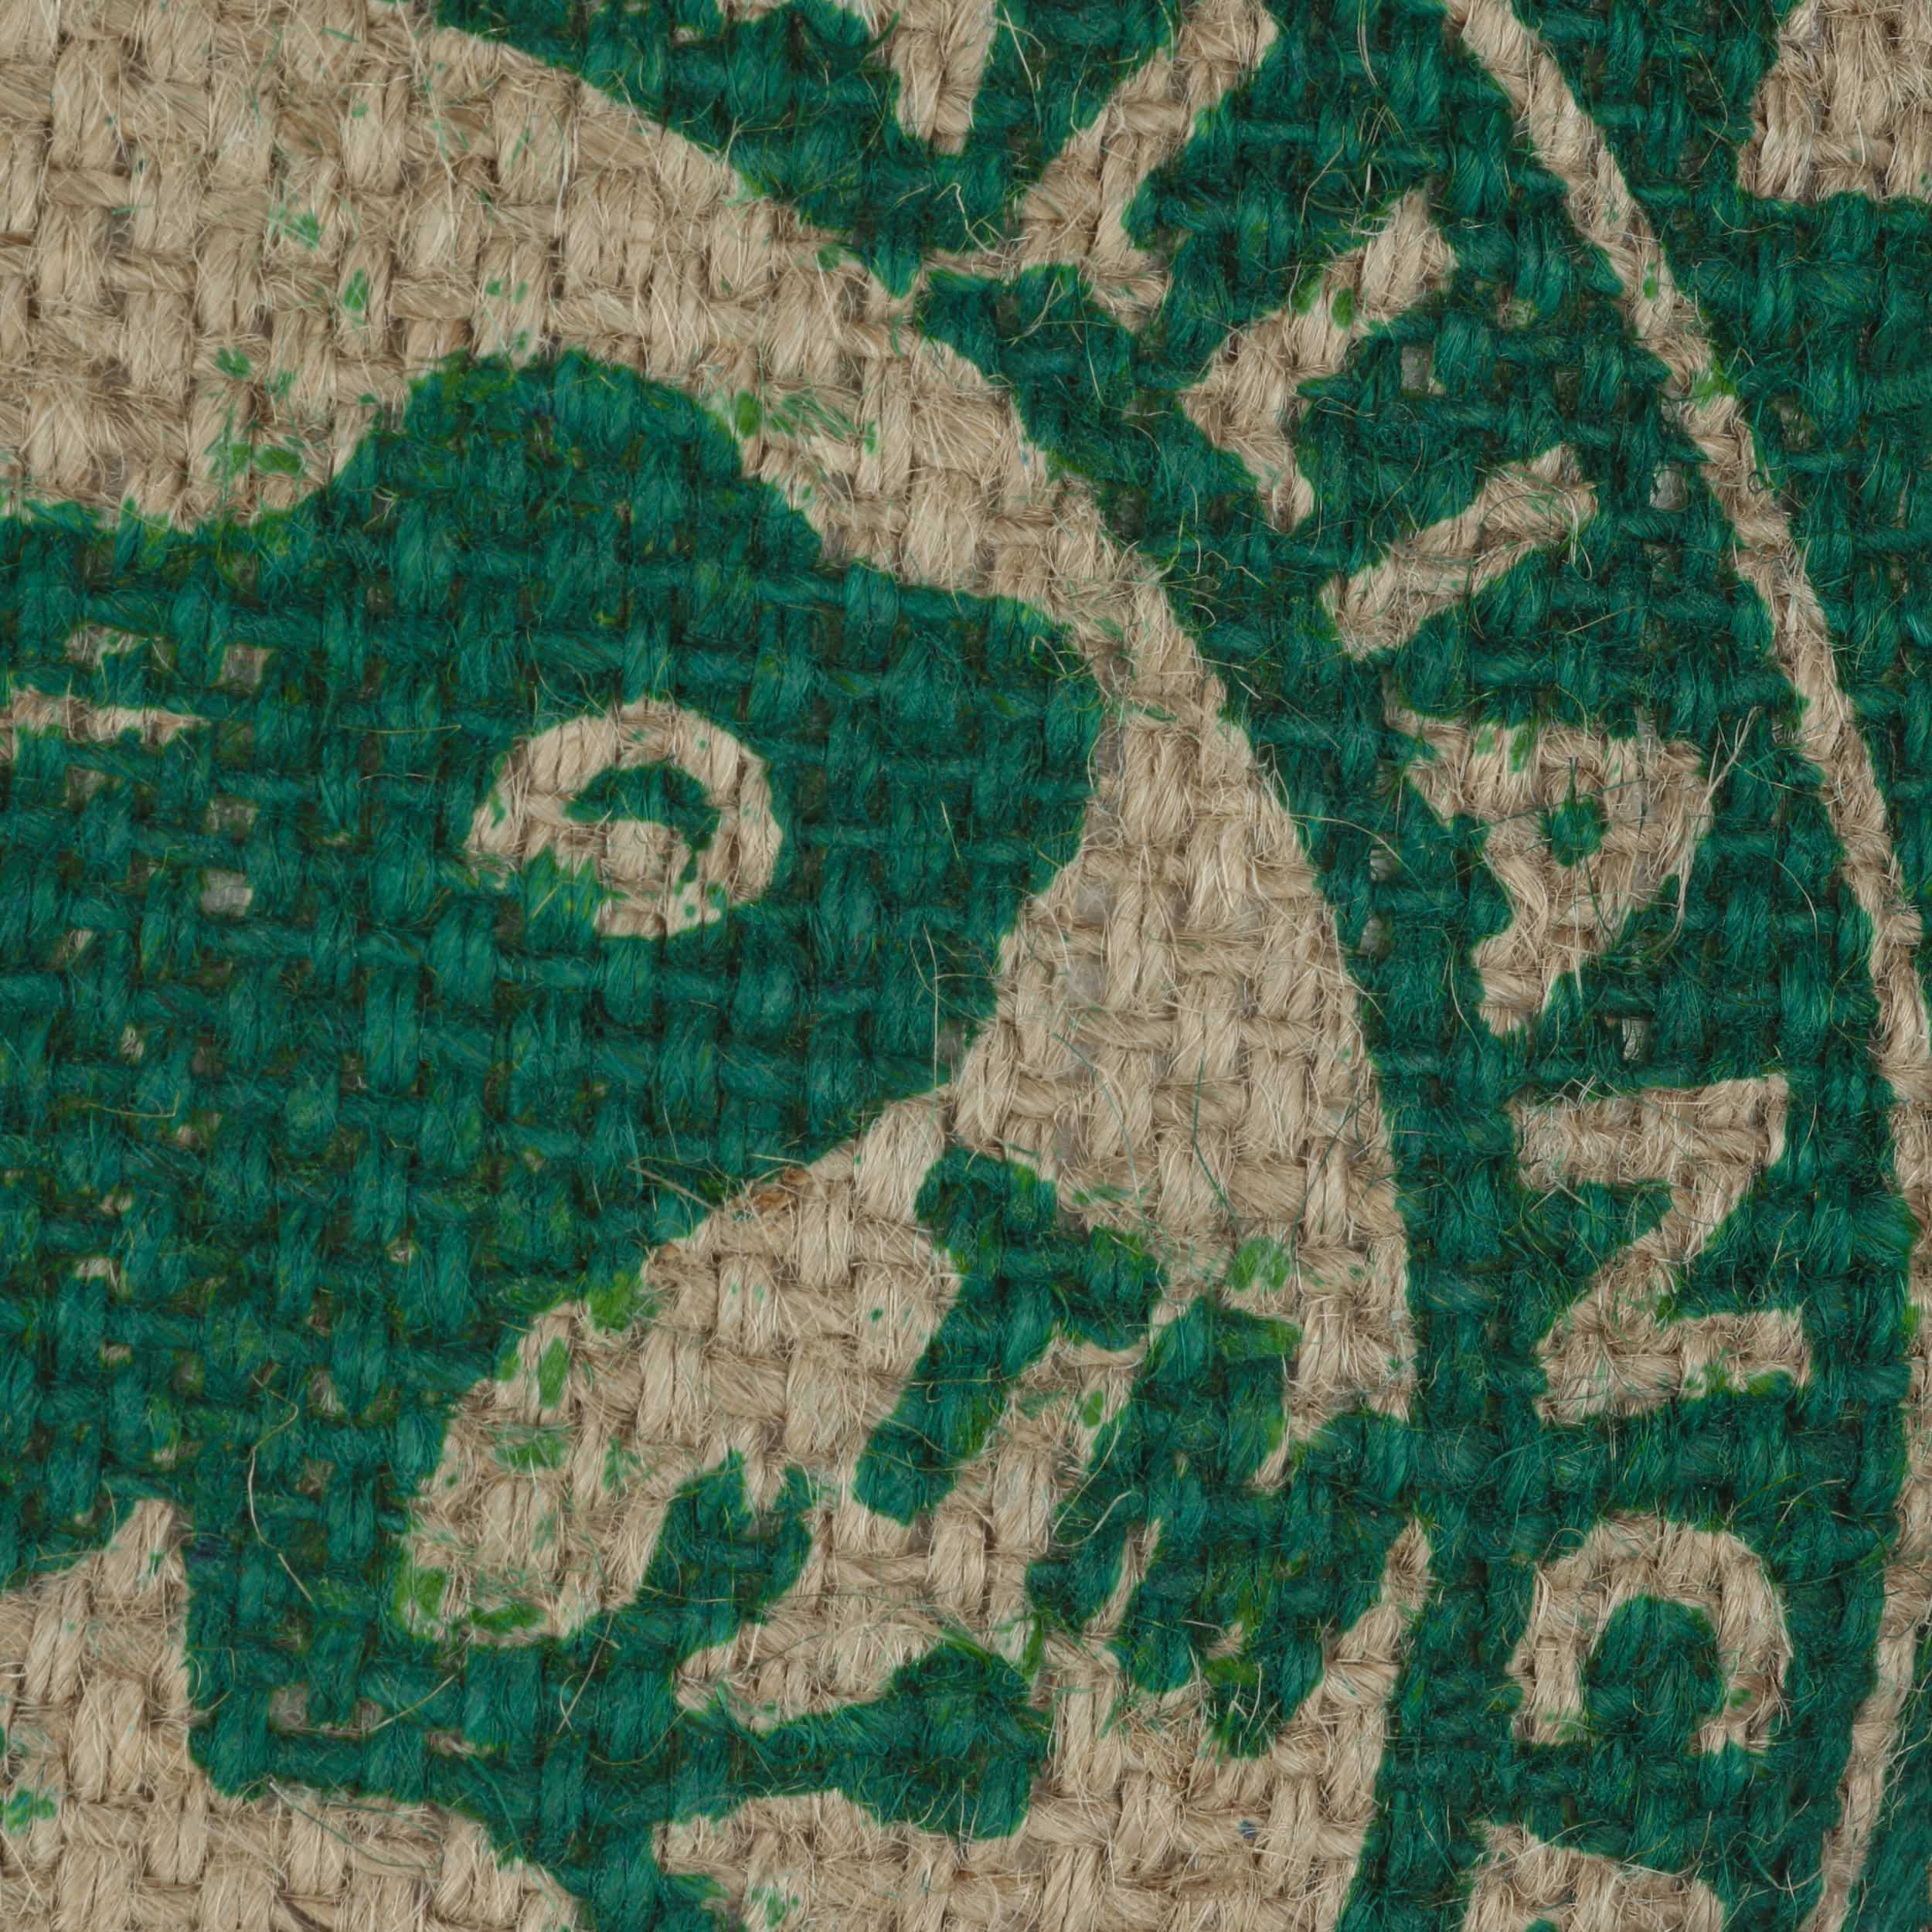 Gorra Café Espresso Frog by ReHats - Gorras - sombreroshop.es c513c11b515